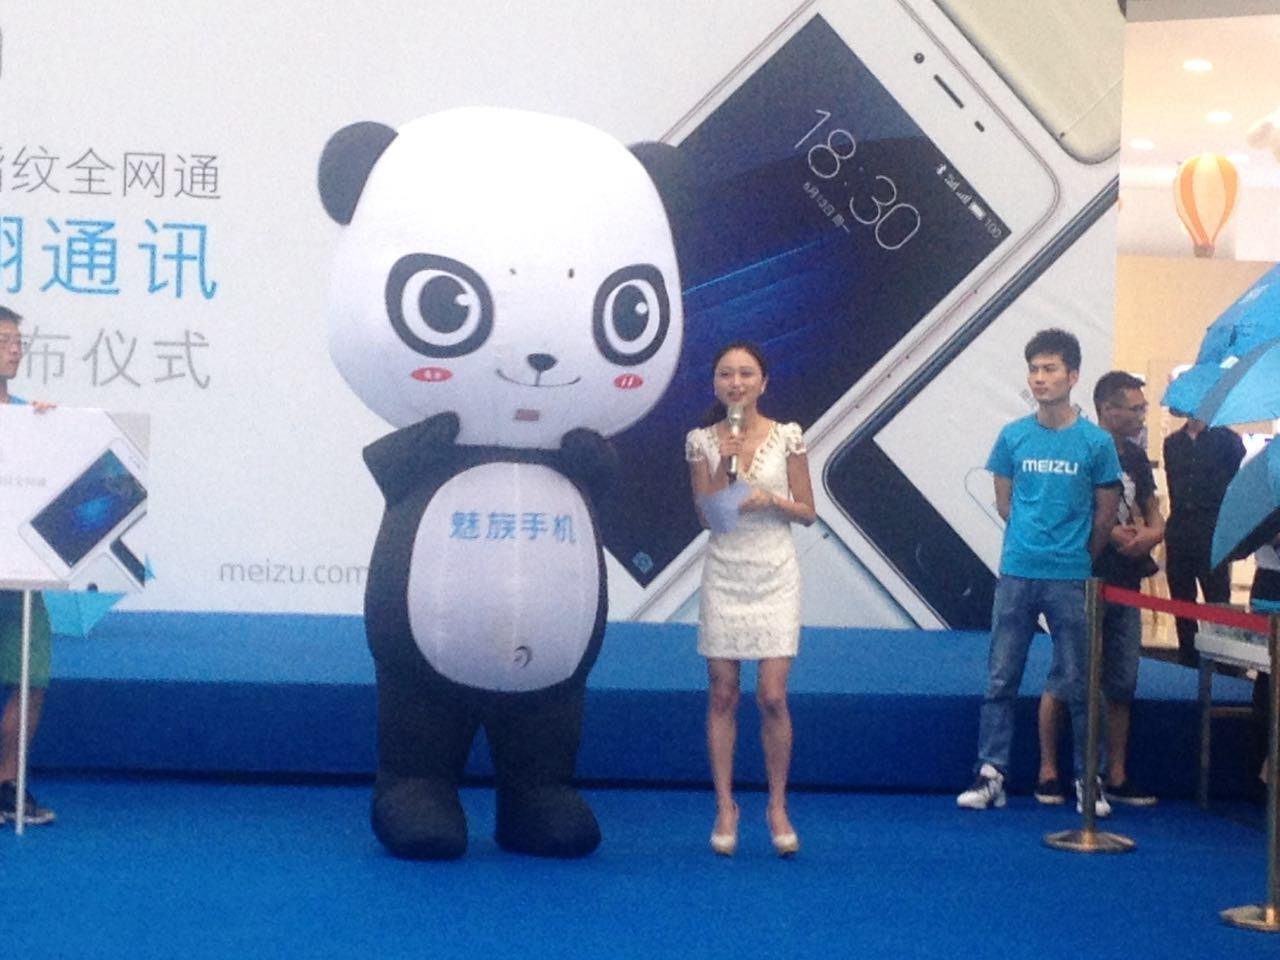 成都活动策划公司,魅蓝3S在成都龙翔通讯发布 03